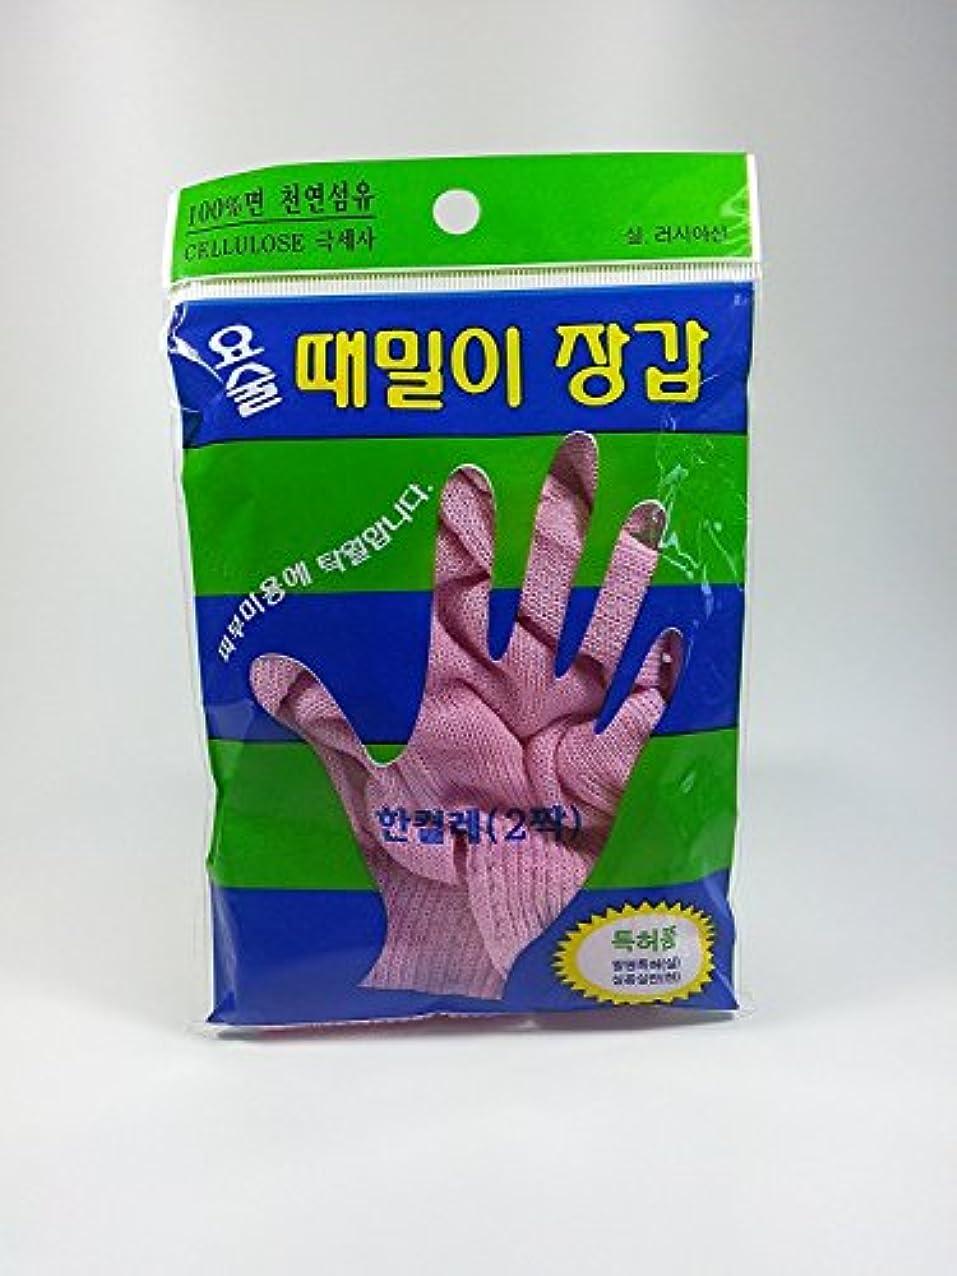 ペンス首尾一貫した帆ジョンジュン産業 韓国式 垢すり 手袋 バスグローブ 5本指 ボディスクラブ 100% 天然セルロース繊維製 ???? ??????? Magic Korean Body Back Scrub [並行輸入品]